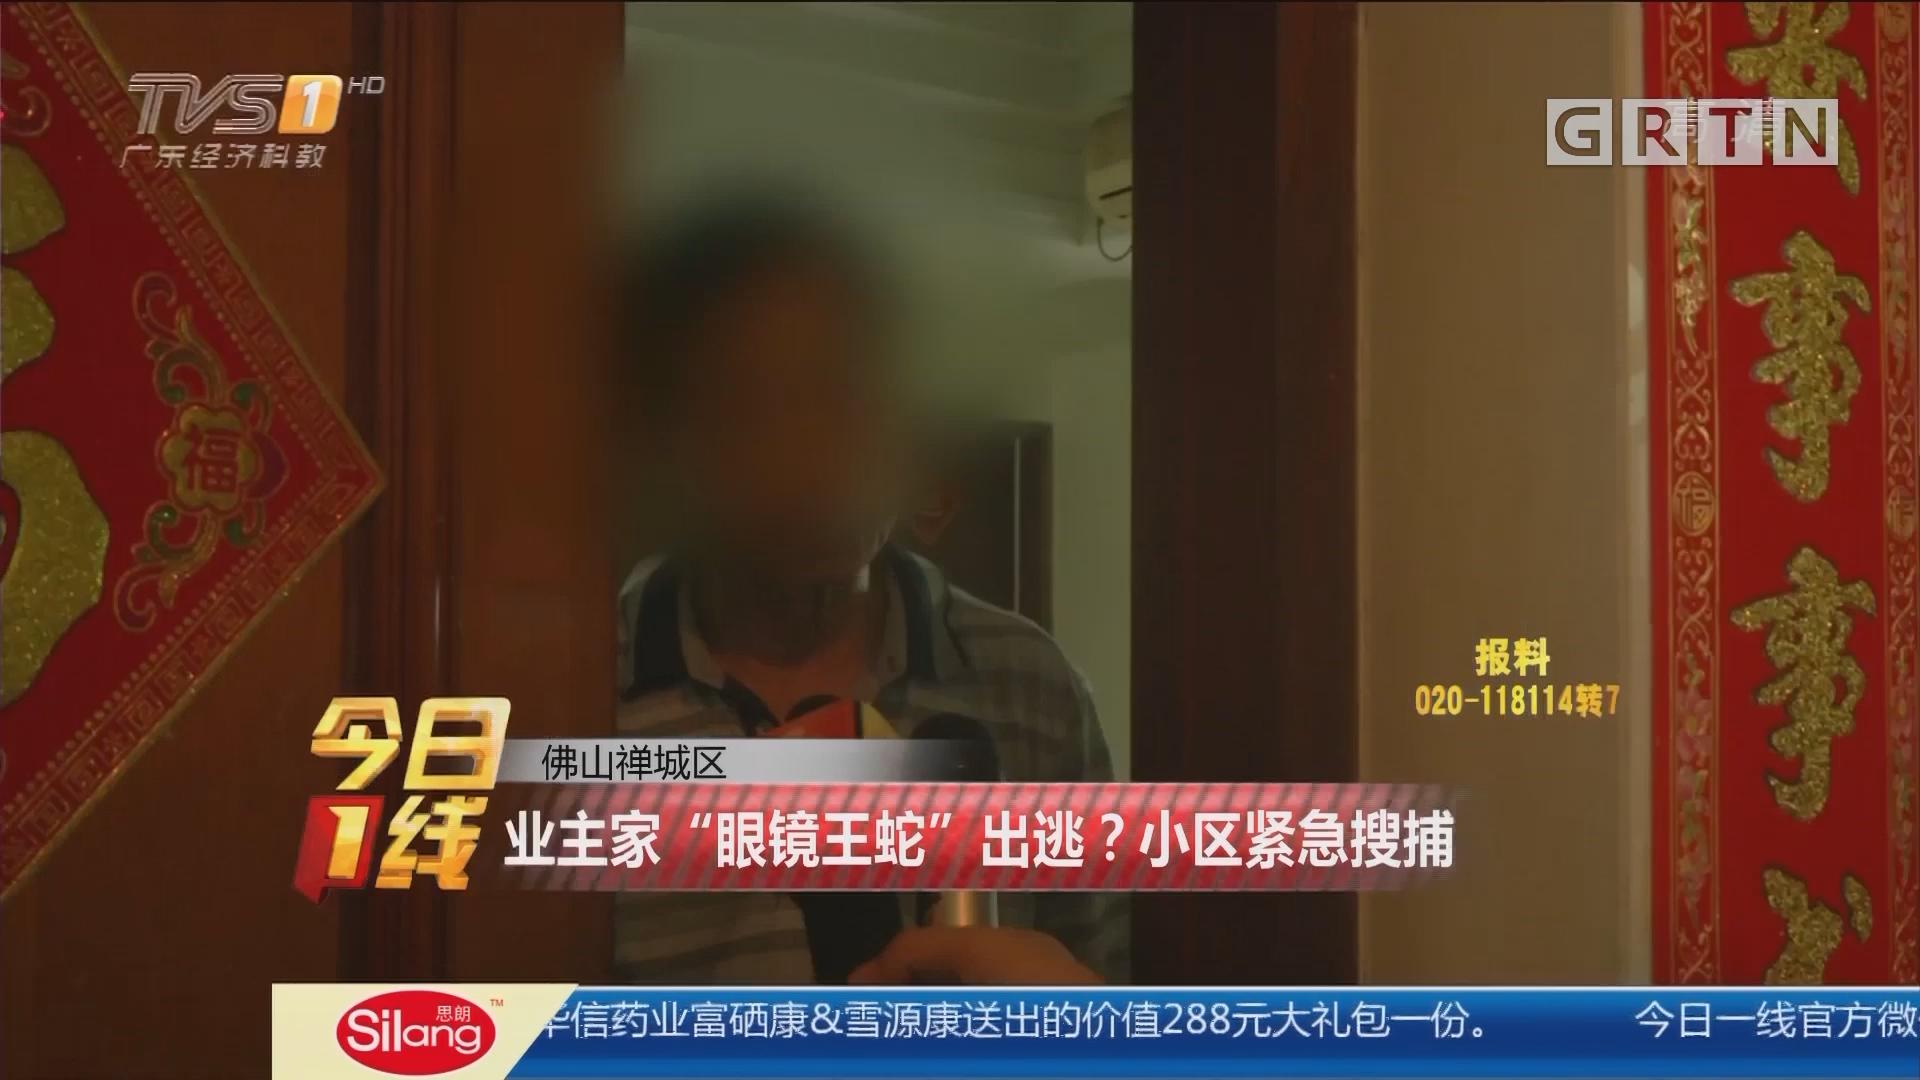 """佛山禅城区:业主家""""眼镜王蛇""""出逃?小区紧急搜捕"""